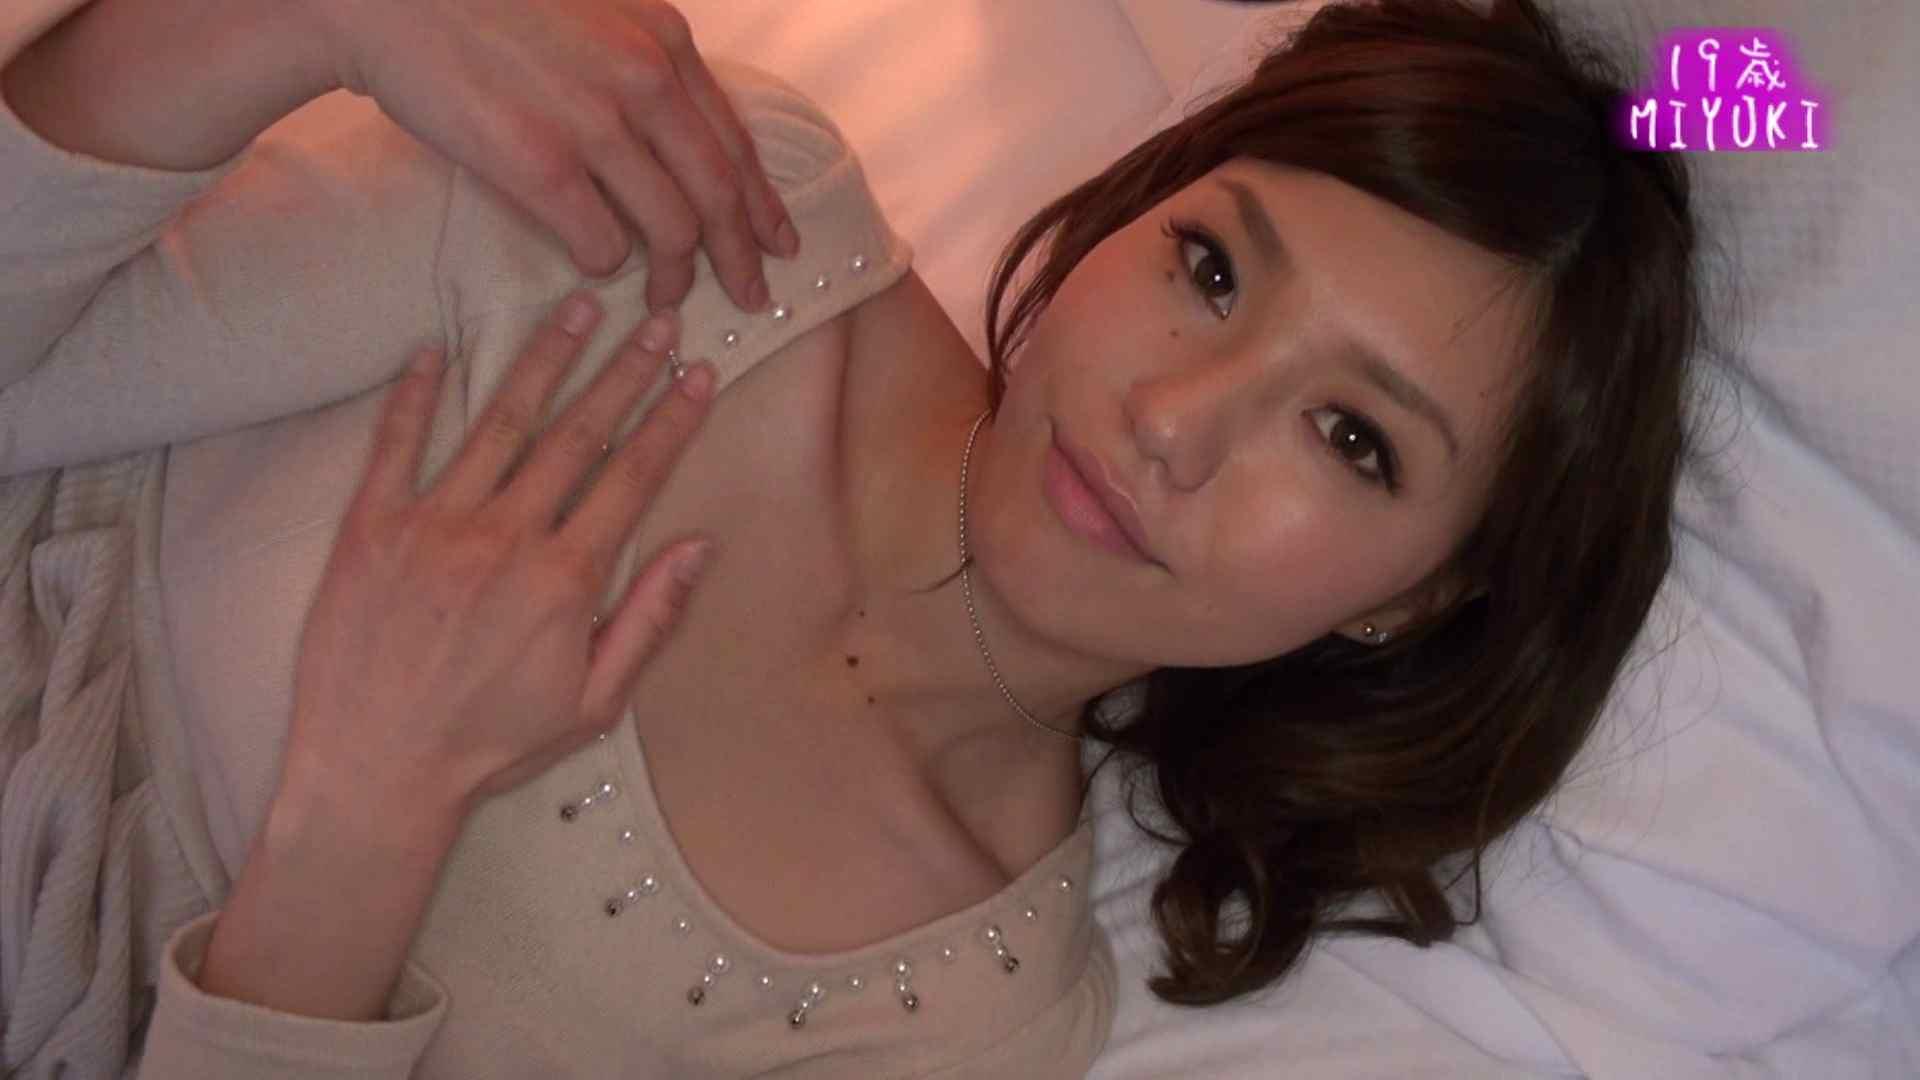 カメラテストを兼ねて、MIYUKIちゃんのイメージ撮影 メーカー直接買い取り | 素人  80画像 54